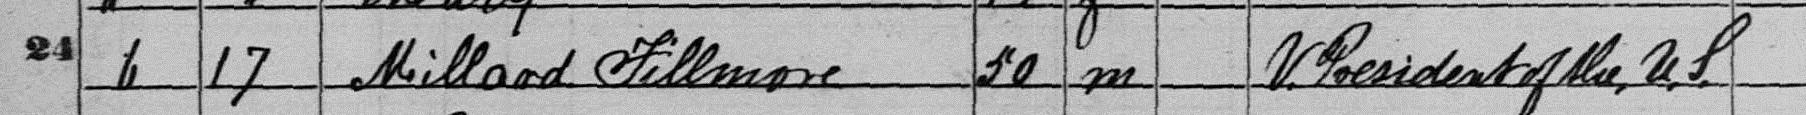 president-millard-fillmore-1850-census.jpg